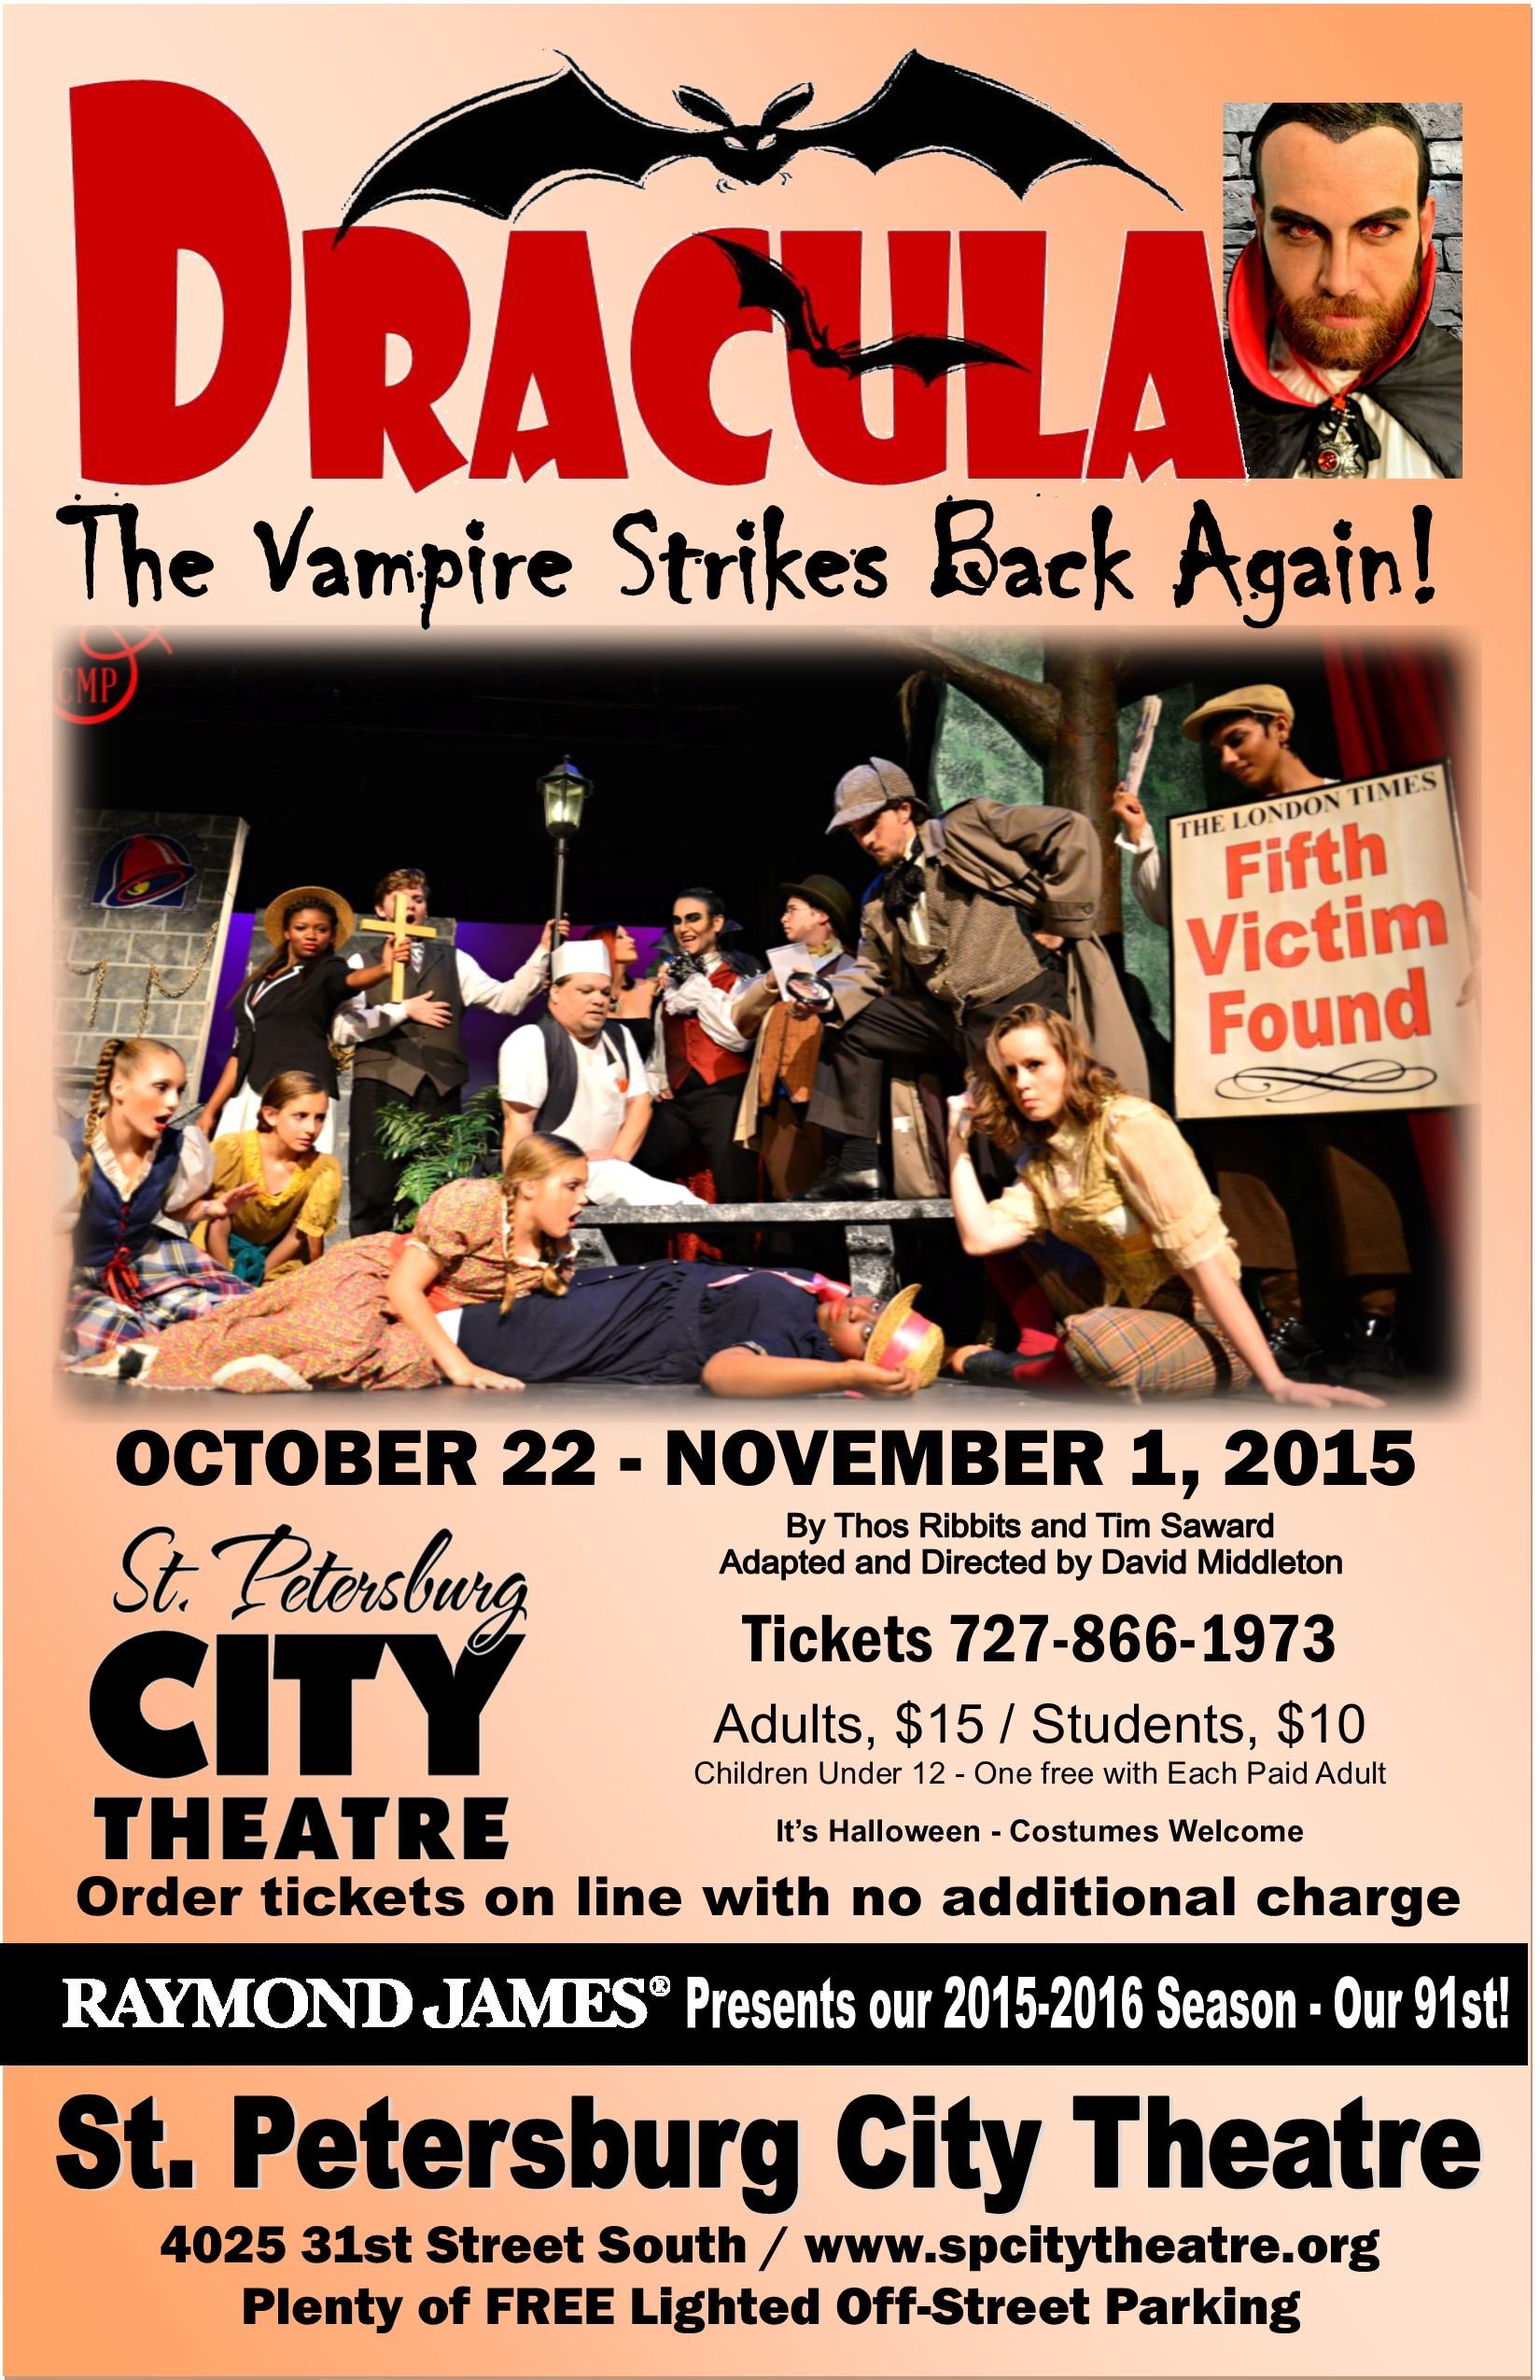 Dracula Poster 2015